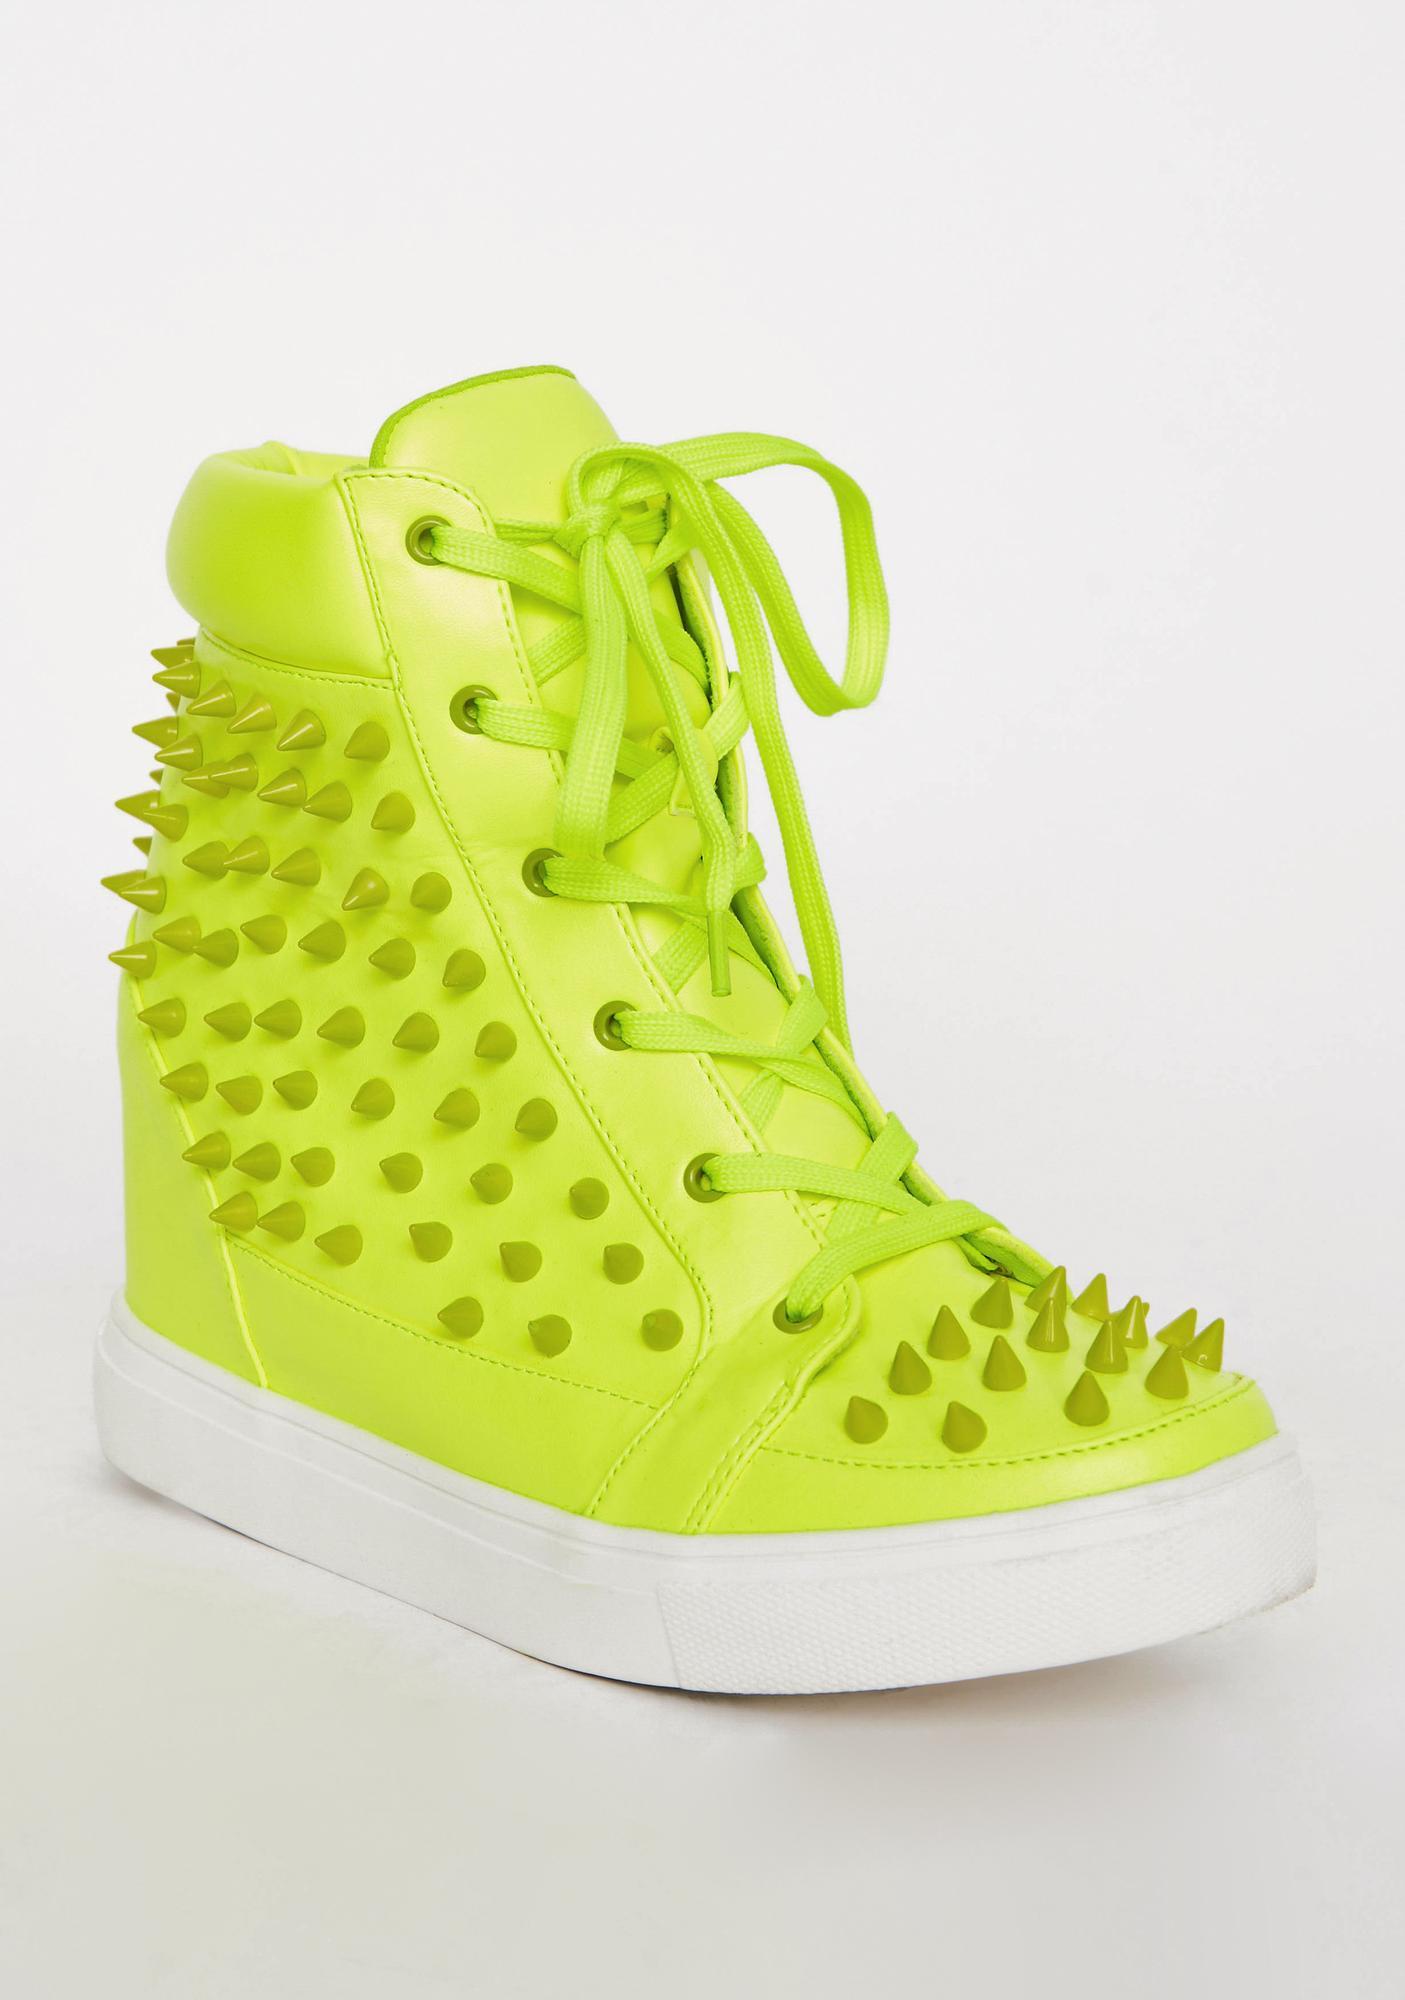 Lush Expelled Honey Wedge Sneakers